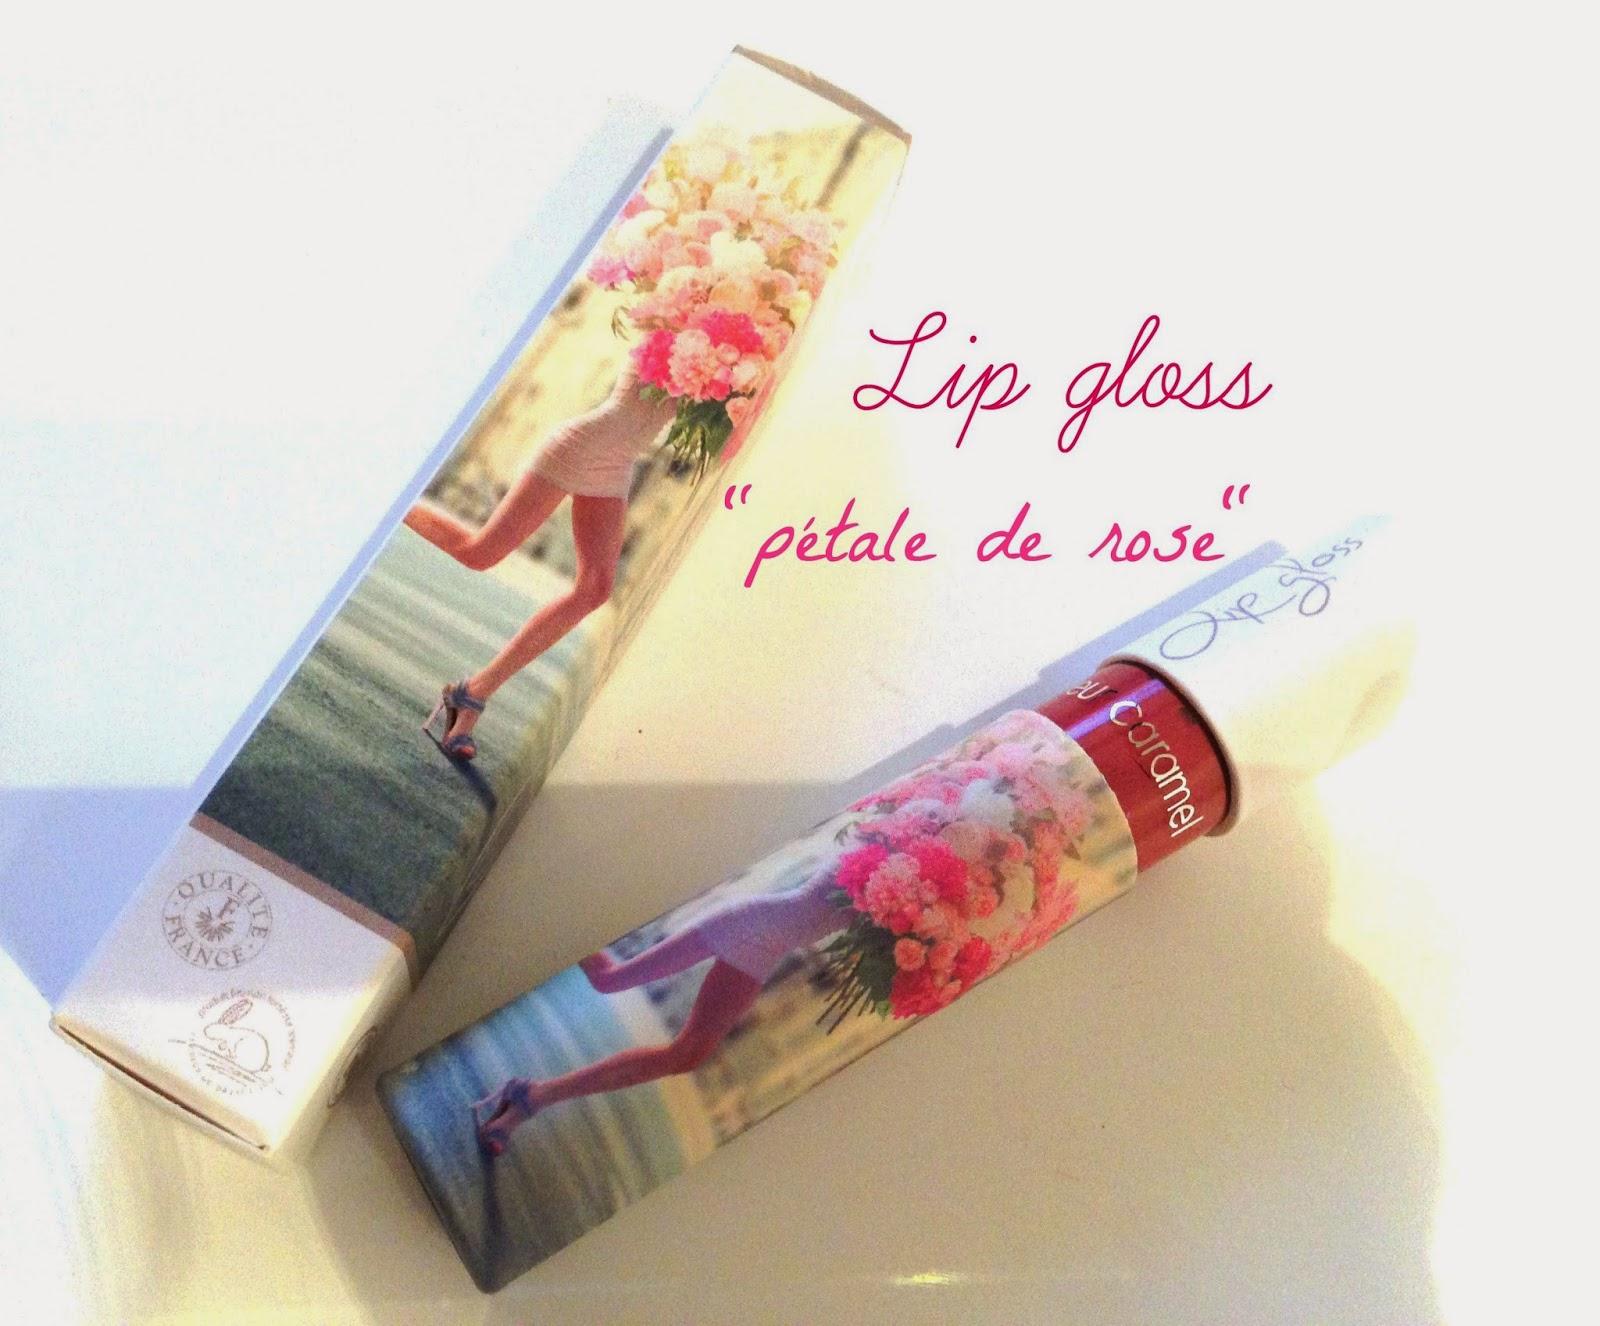 gloss couleur caramel